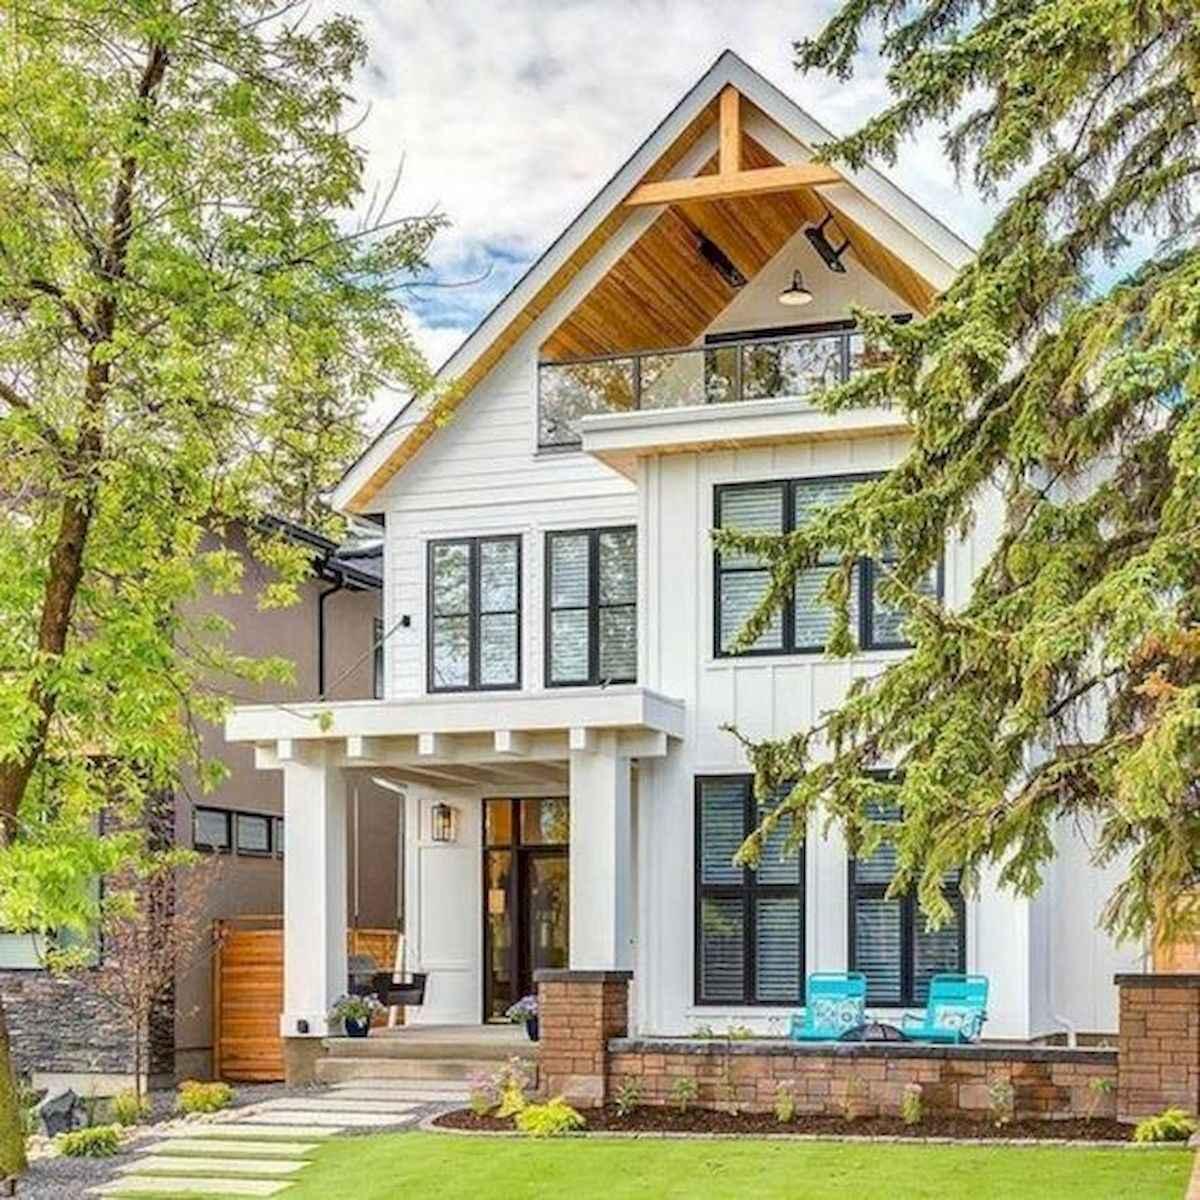 40 Stunning White Farmhouse Exterior Design Ideas (20)